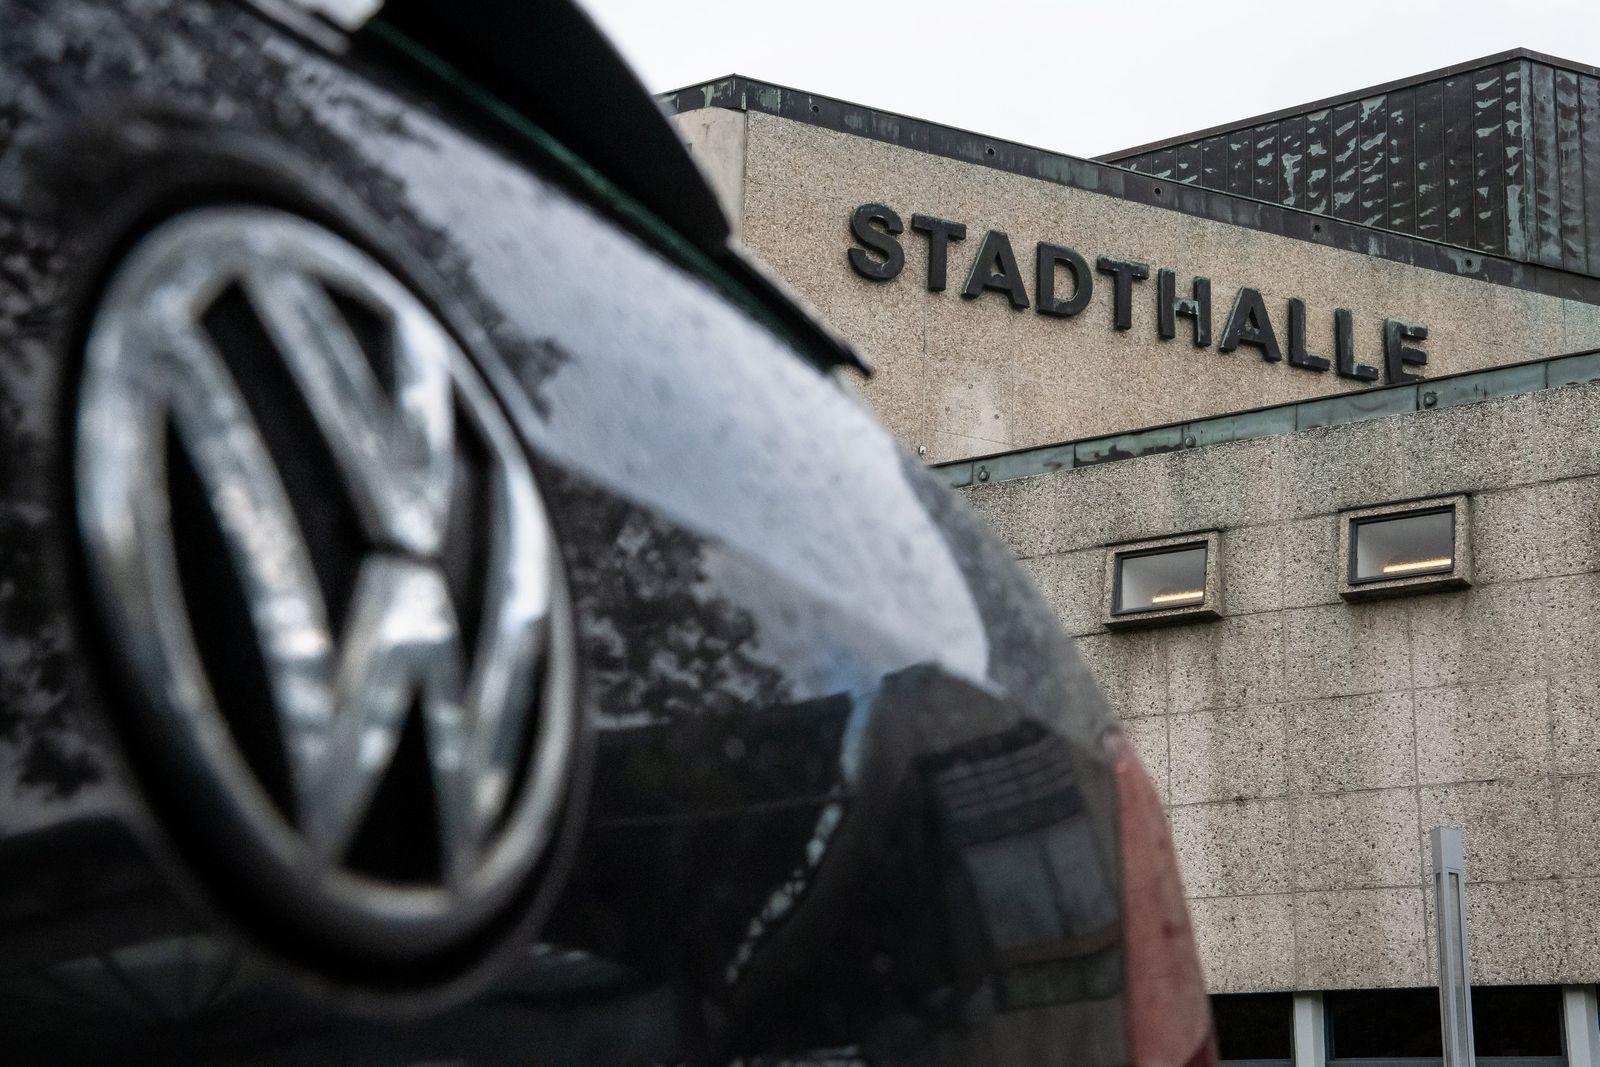 Stadthalle Braunschweig Volkswagen